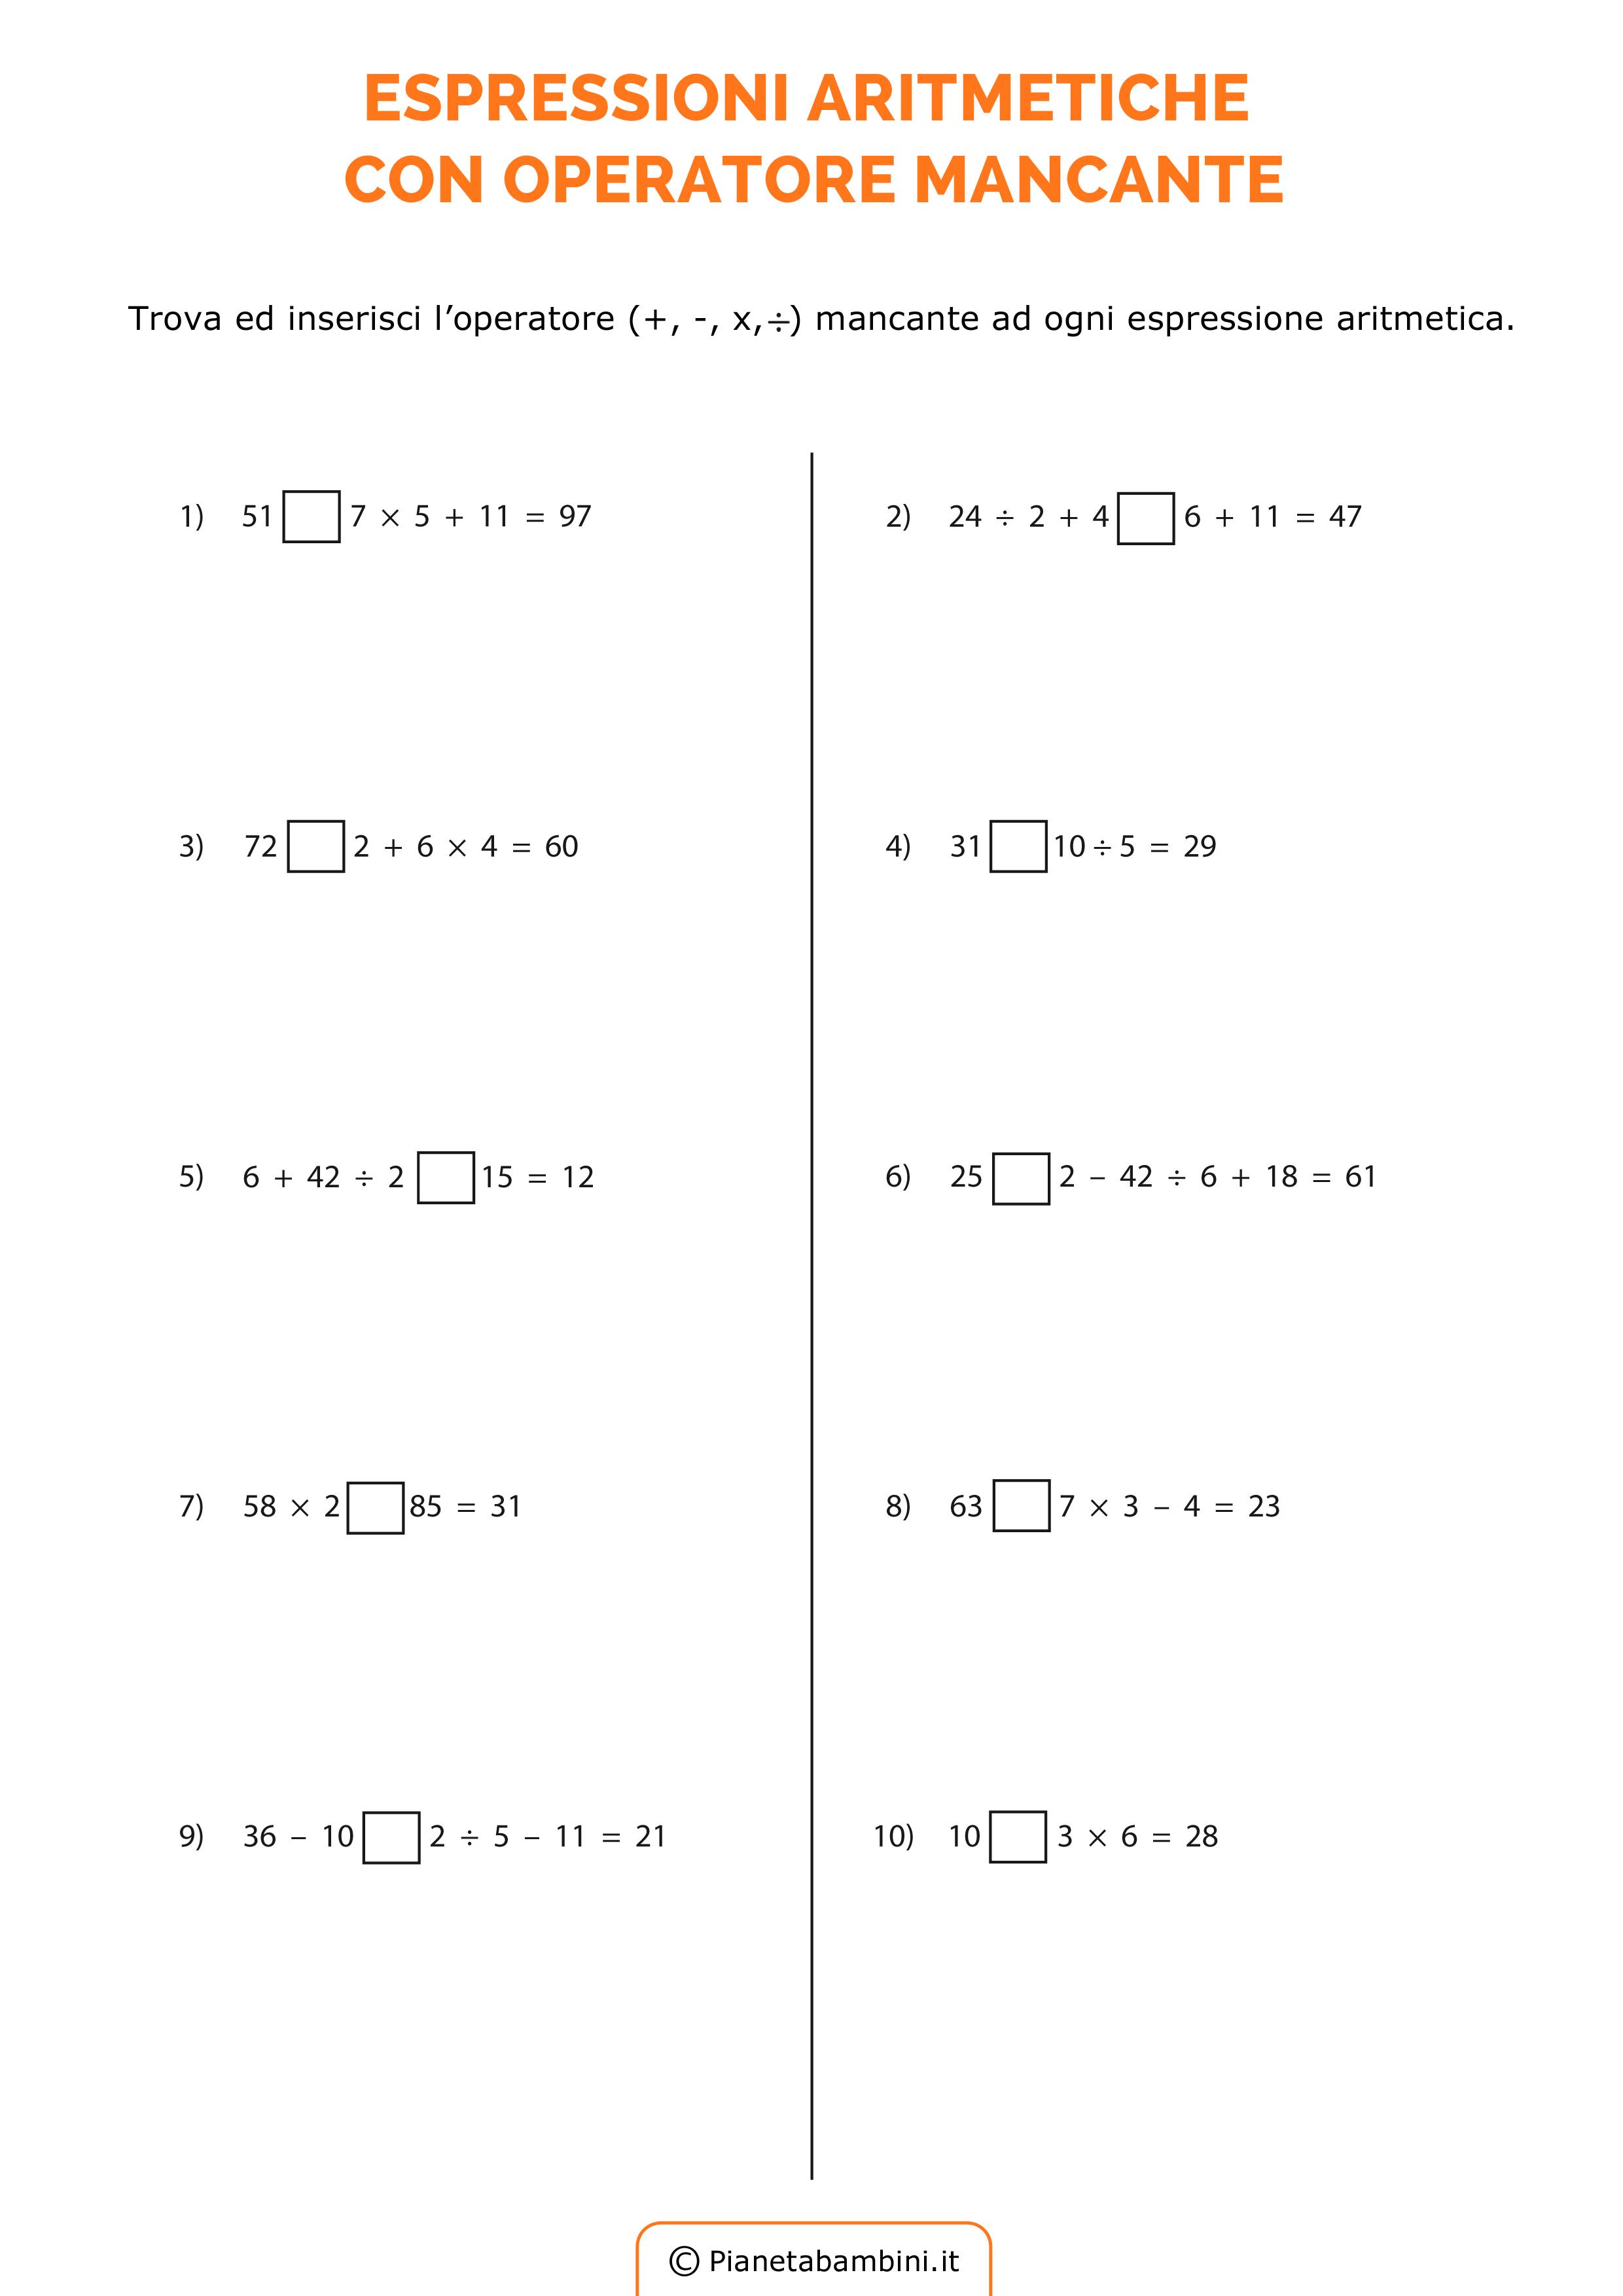 Esercizi-Espressioni-Operatore-Mancante_1